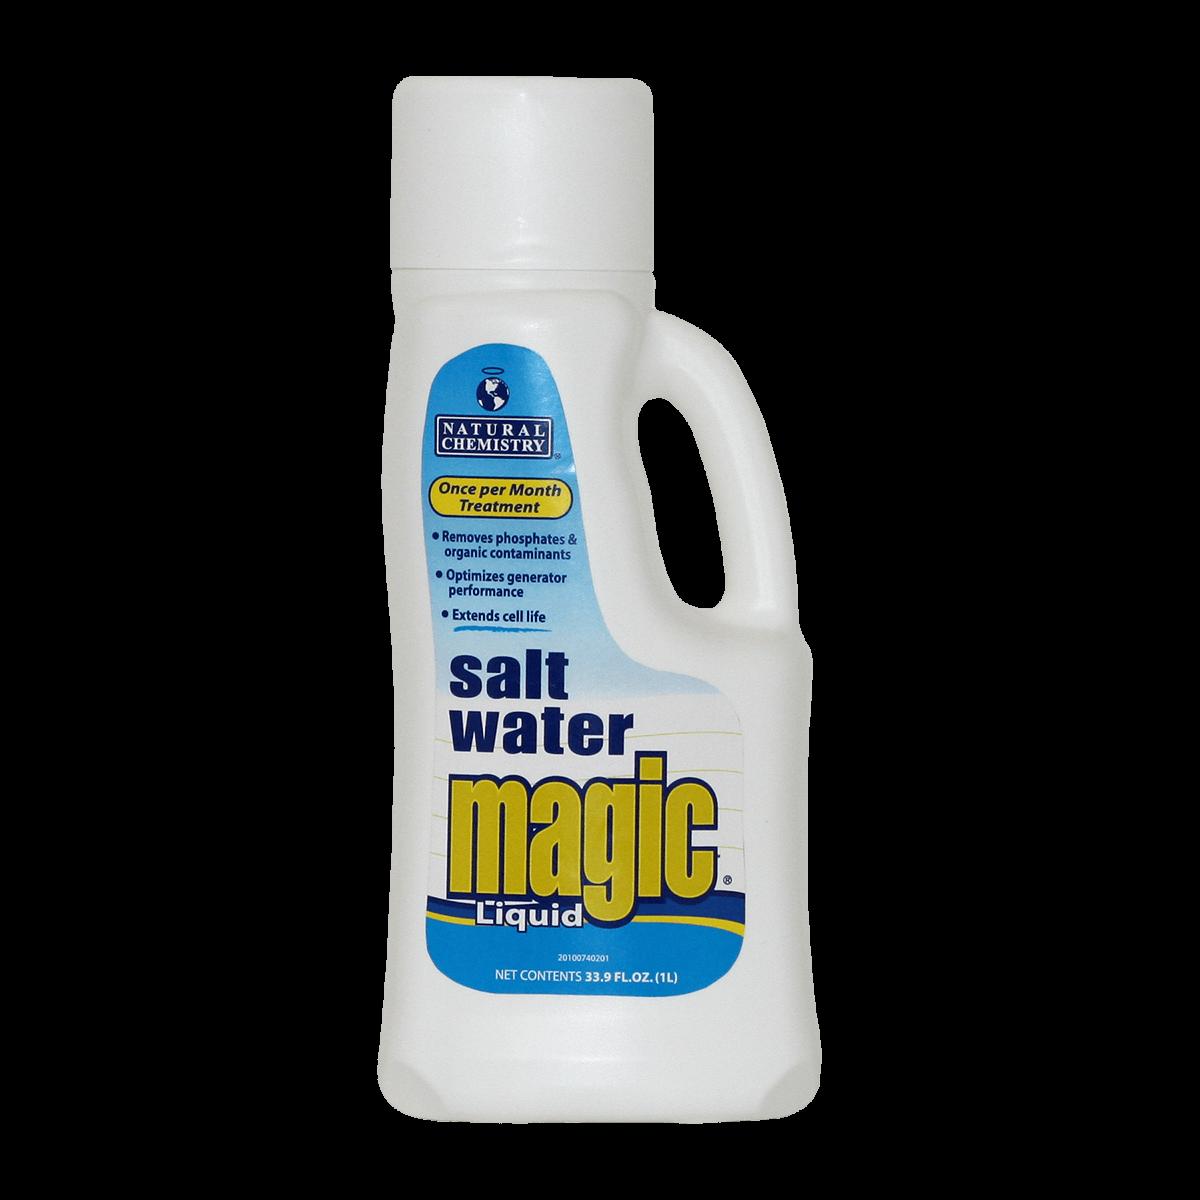 Salt Water Magic Liquid